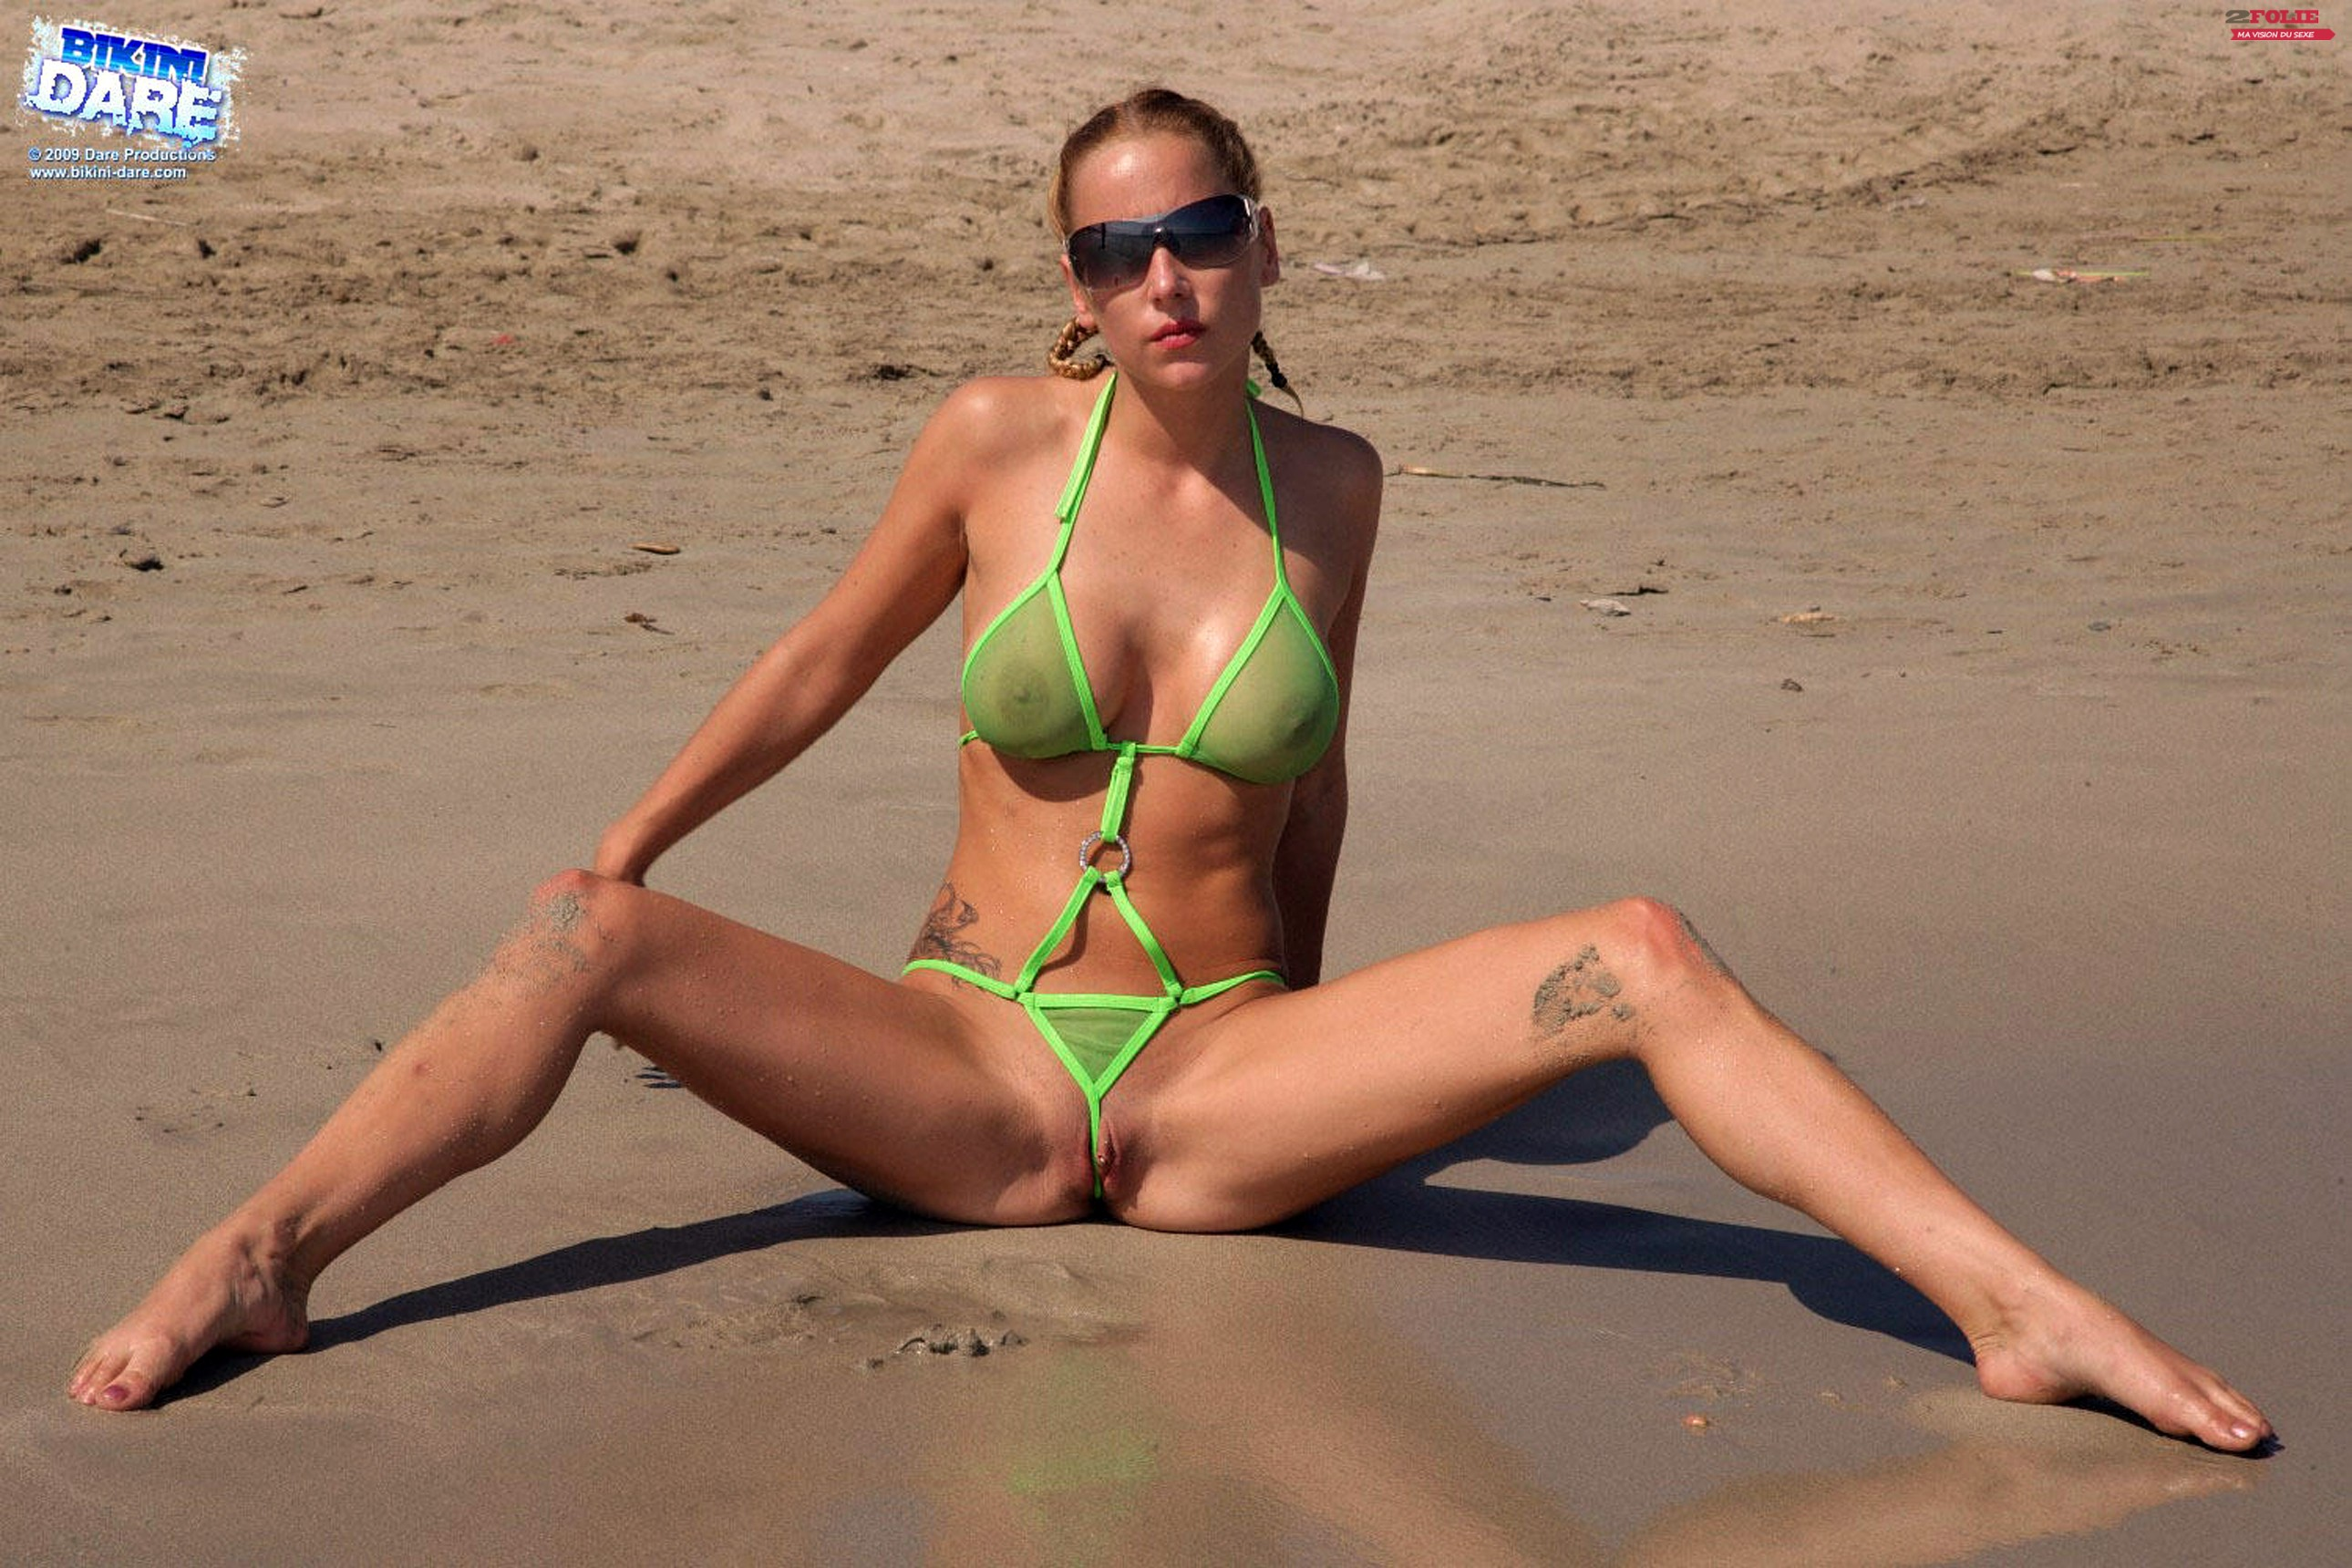 video erotisque filles en maillot de bain sexy